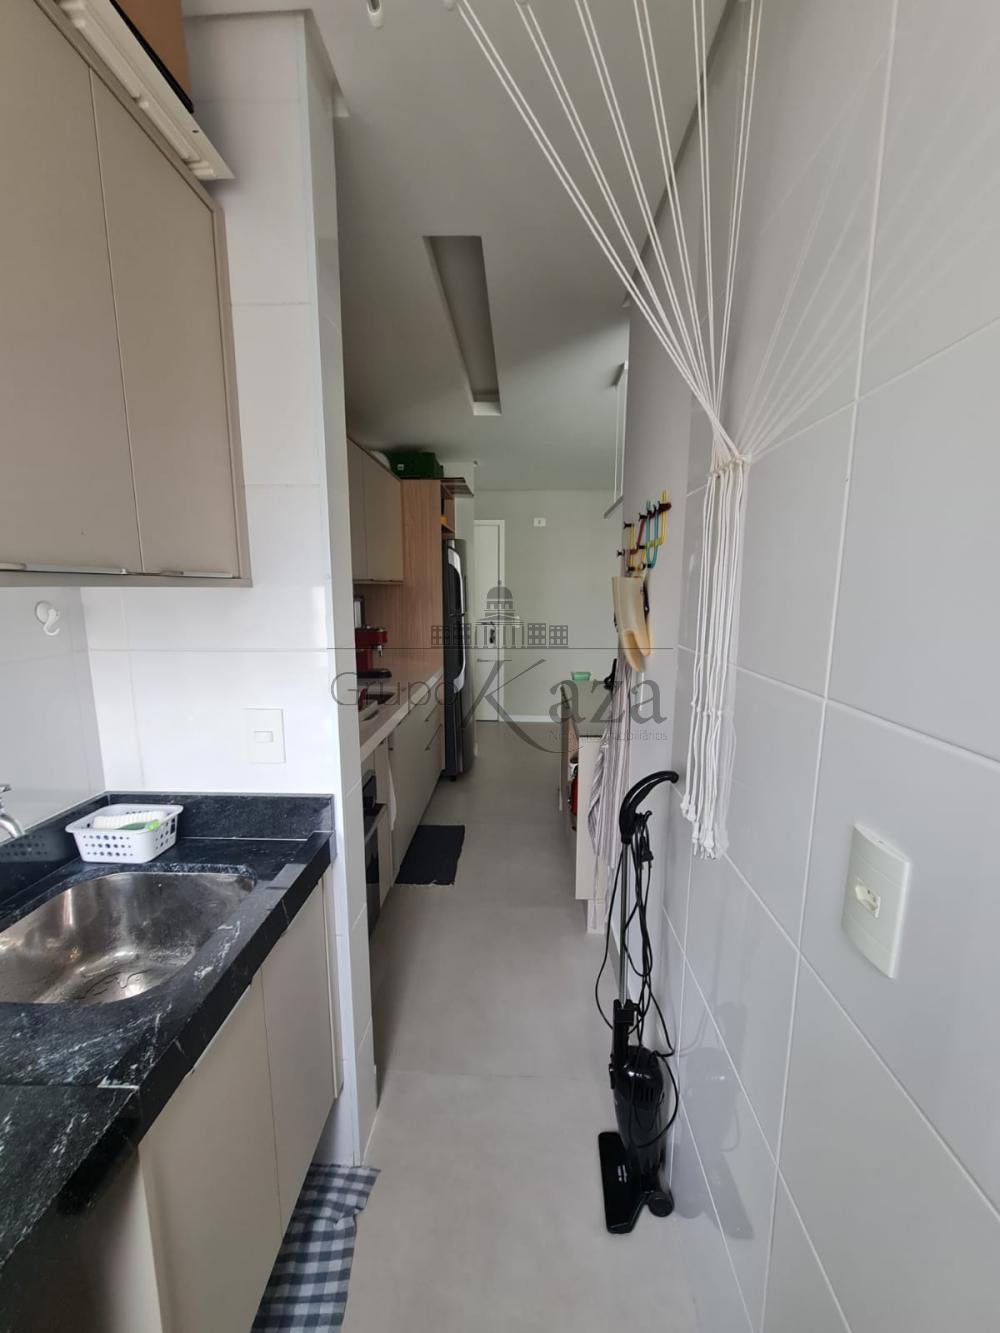 alt='Alugar Apartamento / Padrão em São José dos Campos R$ 3.300,00 - Foto 12' title='Alugar Apartamento / Padrão em São José dos Campos R$ 3.300,00 - Foto 12'